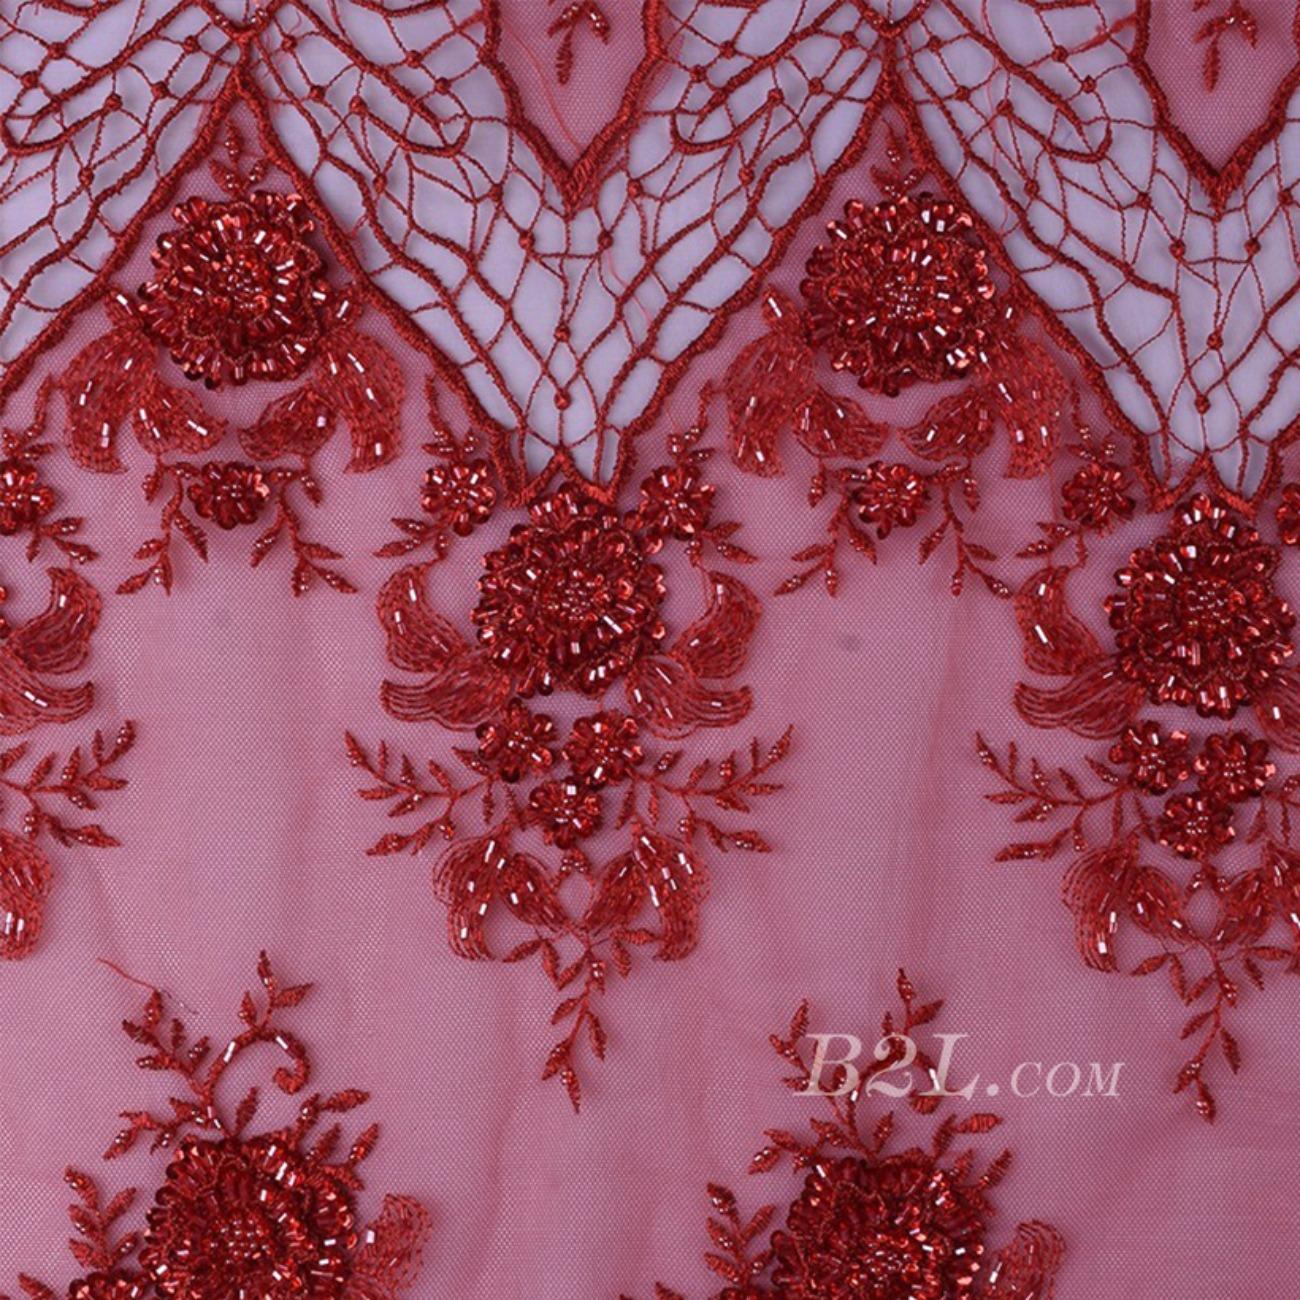 繡花 珠片繡花 花朵 禮服 婚紗 經編機 染色 刺繡 手工 低彈 薄紗感 60916-11